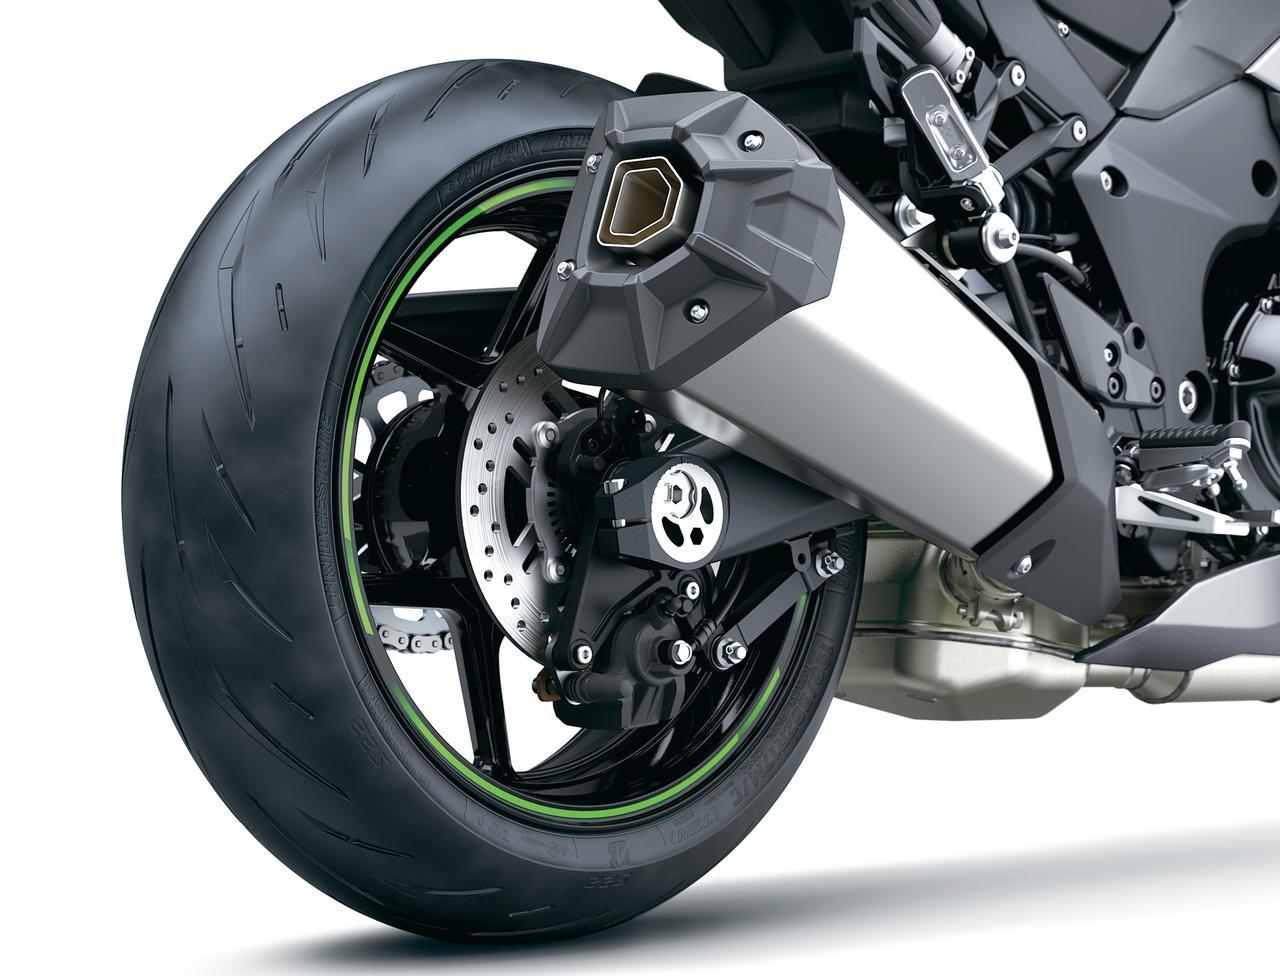 Images : 10番目の画像 - Ninja1000 SXの写真をまとめて見る! - webオートバイ